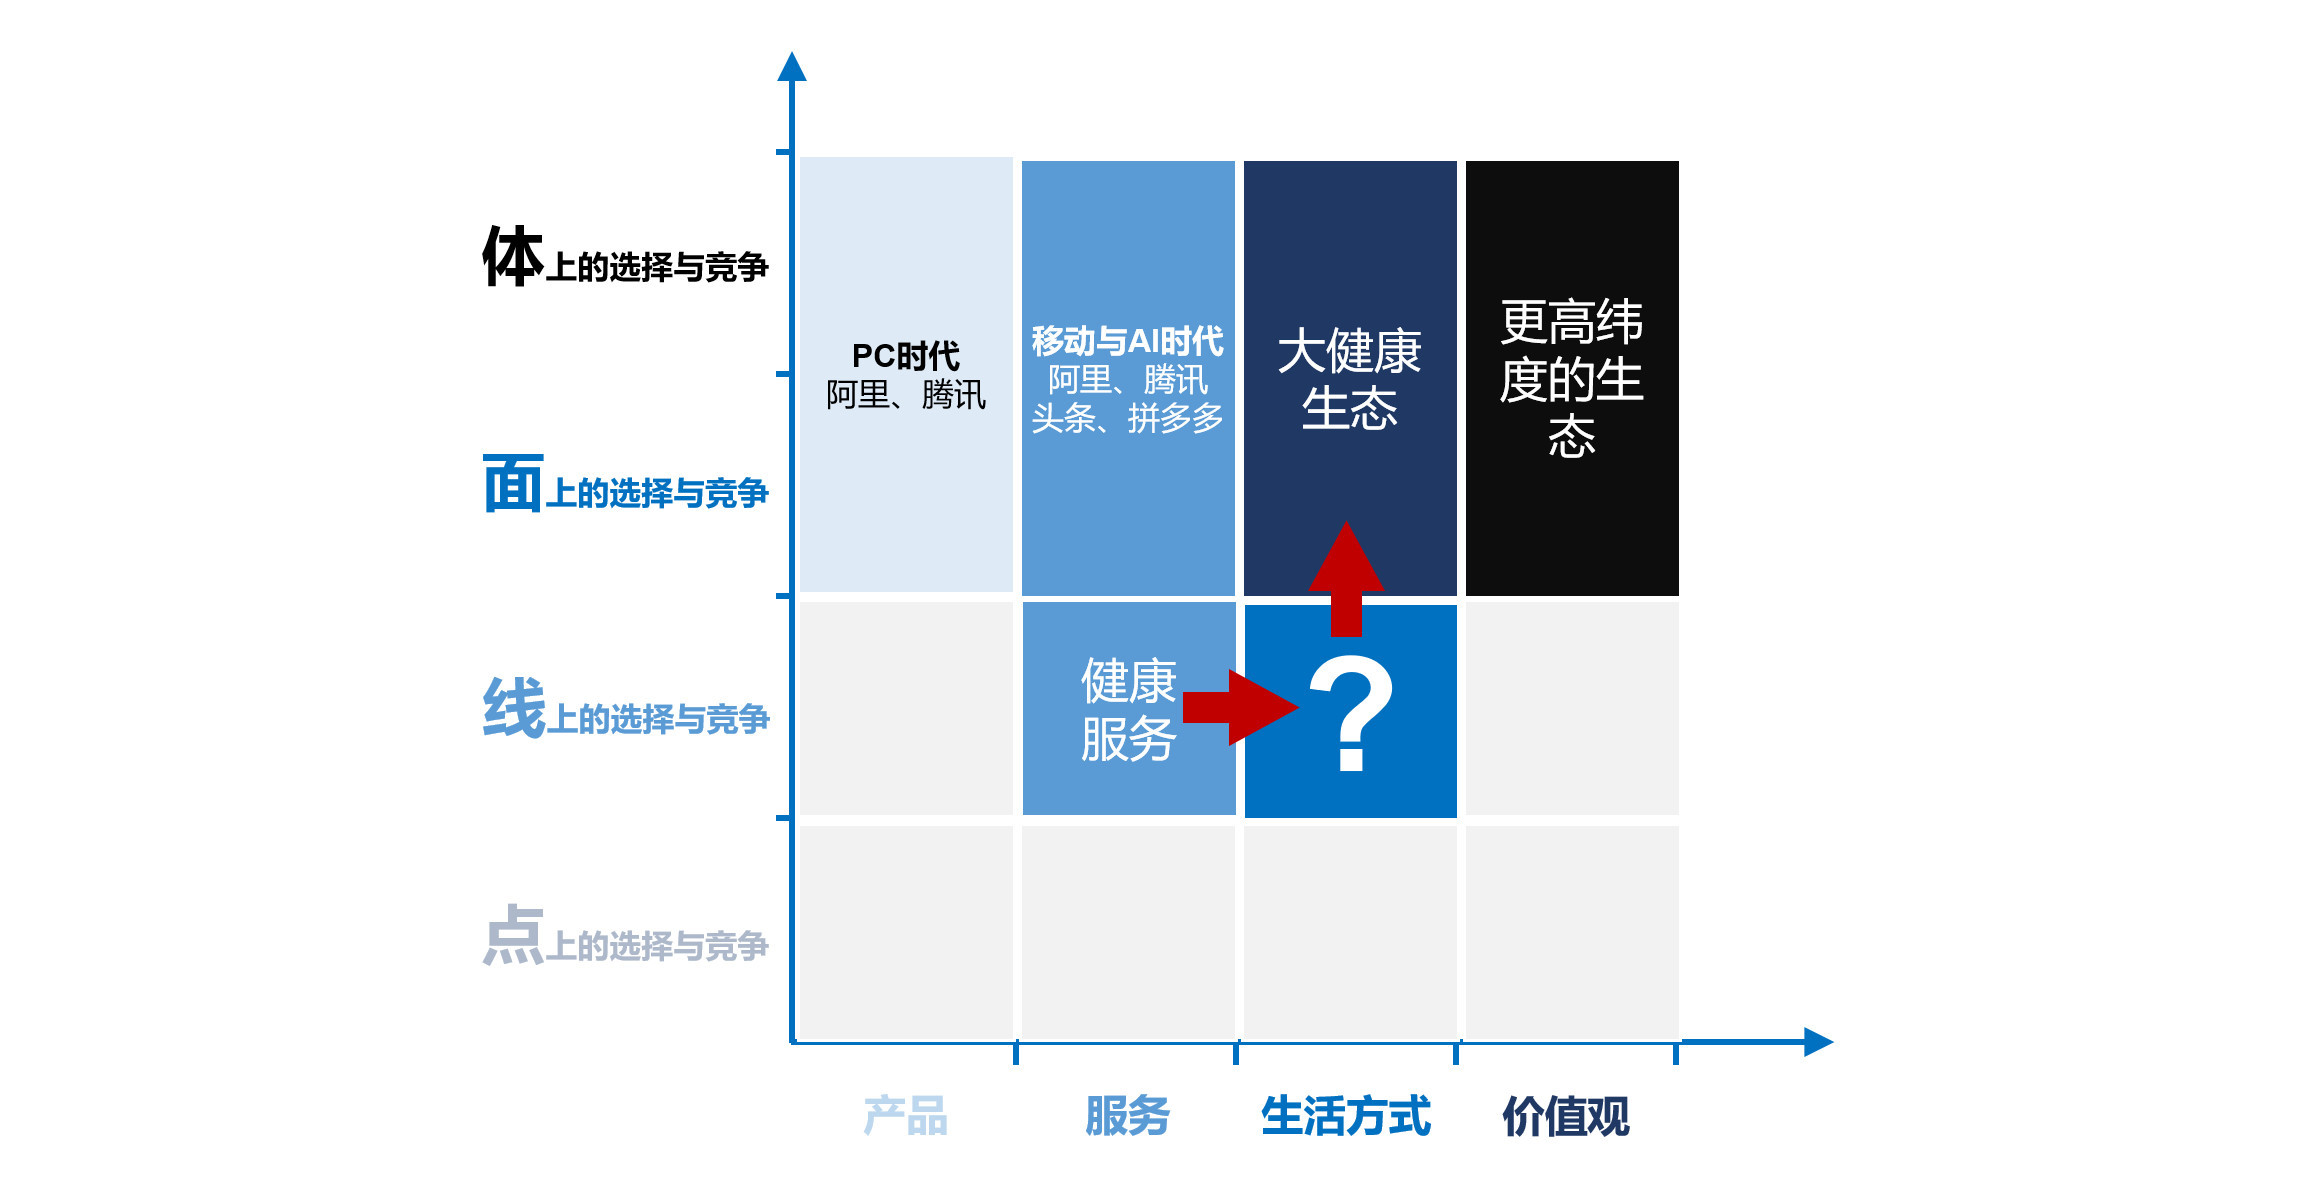 图14:寻找最关键的部分 来源:李有龙《保险业生态战略系列培训课程》